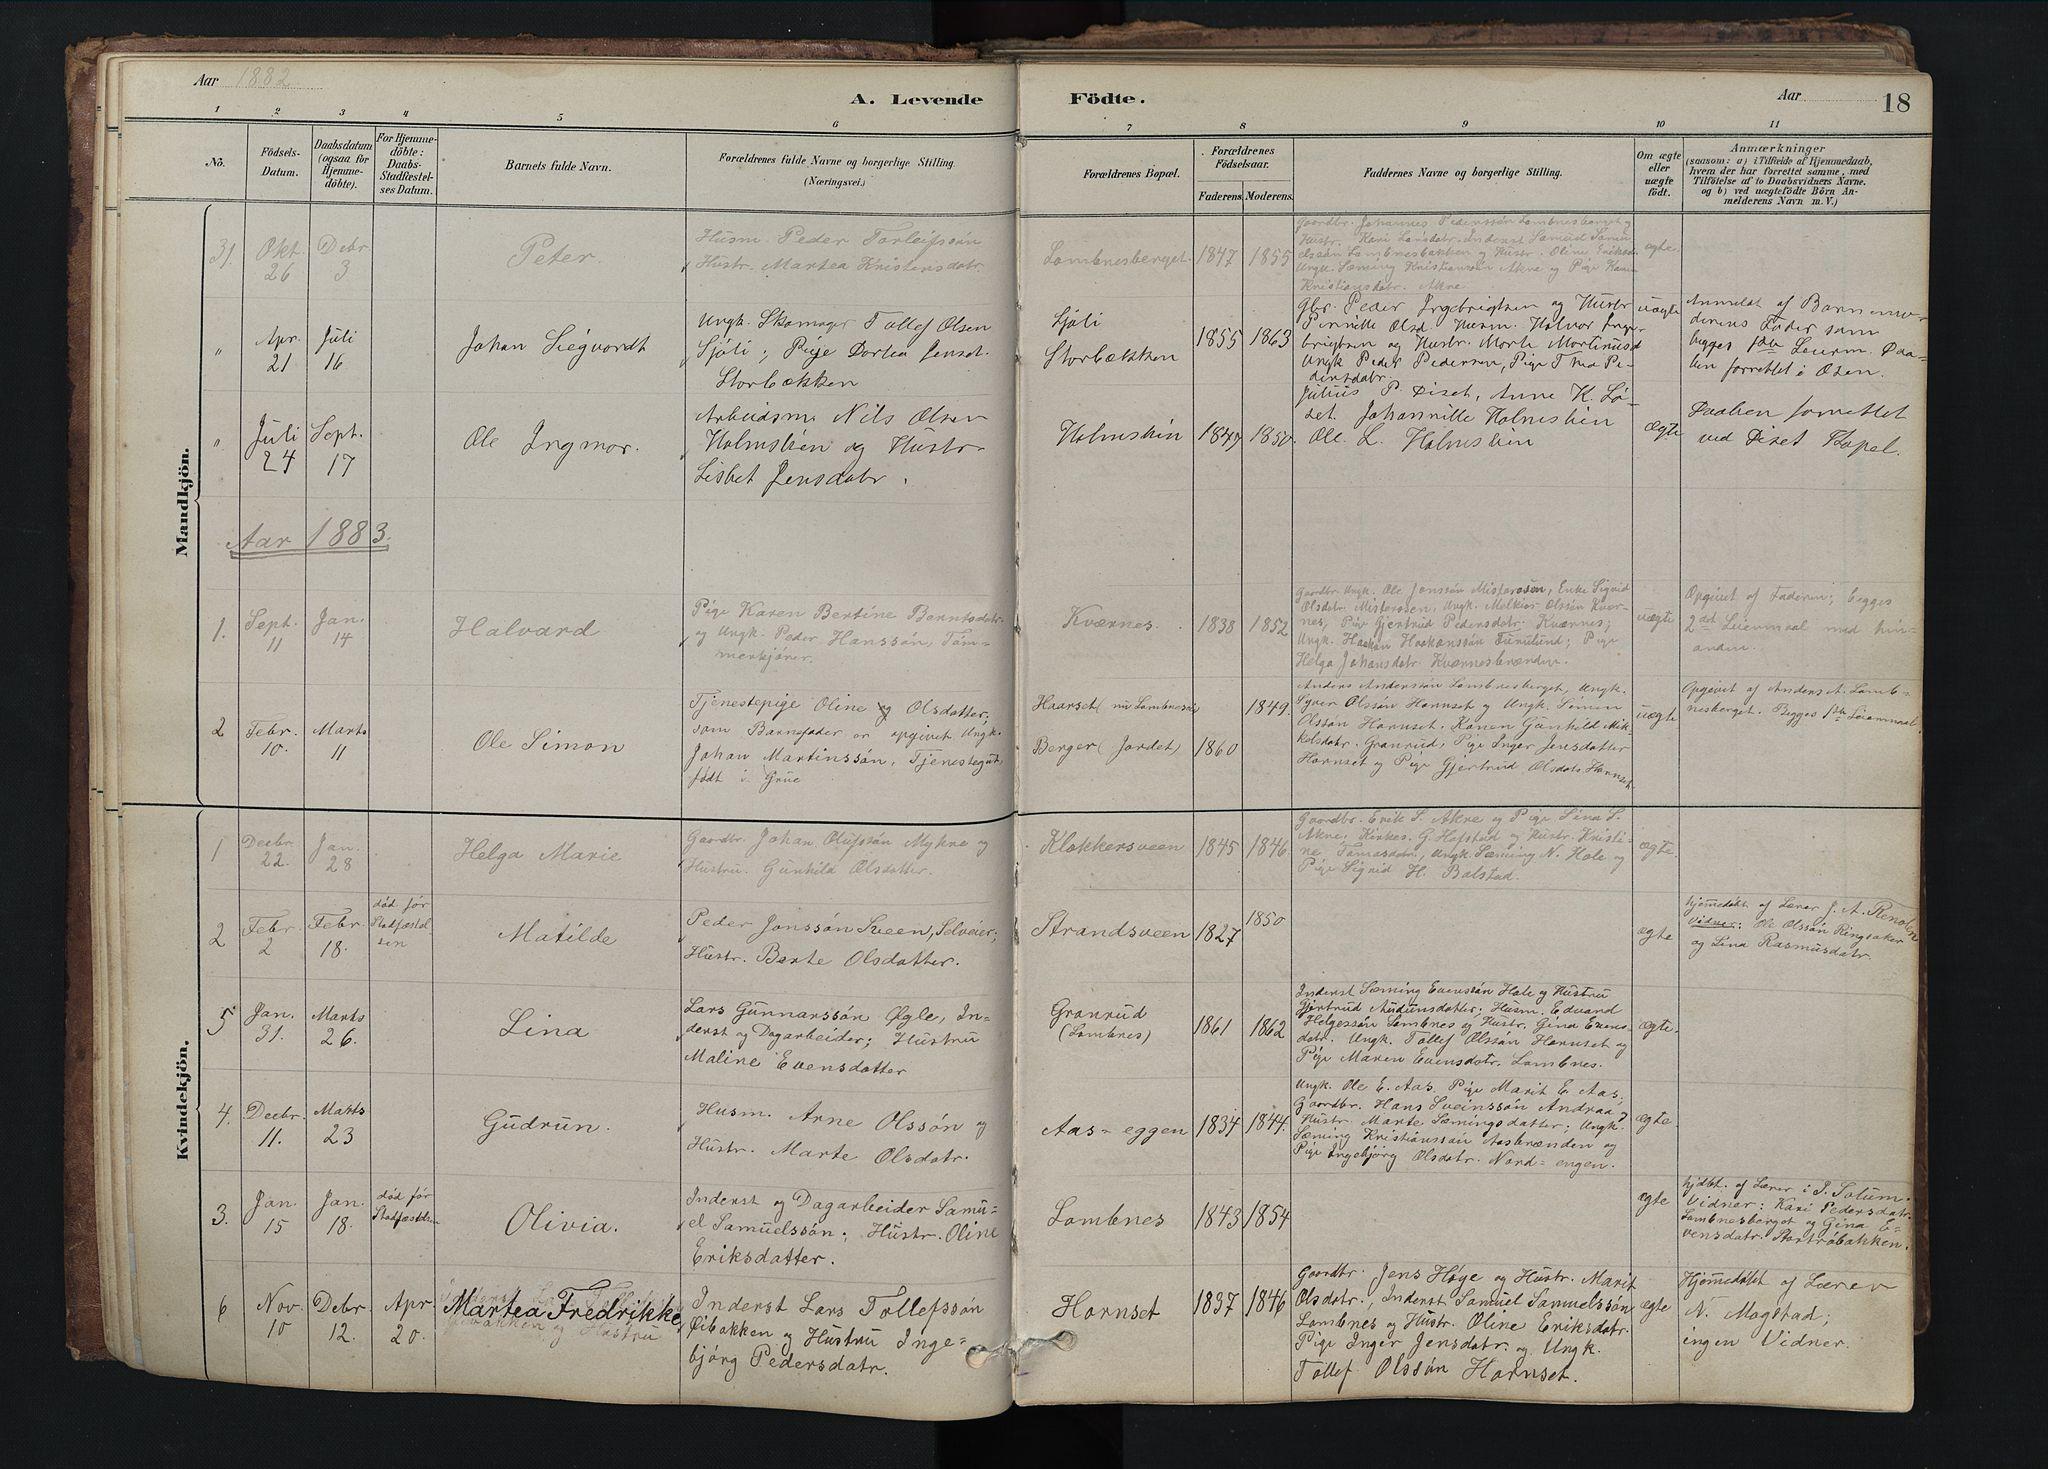 SAH, Rendalen prestekontor, H/Ha/Hab/L0009: Klokkerbok nr. 9, 1879-1902, s. 18